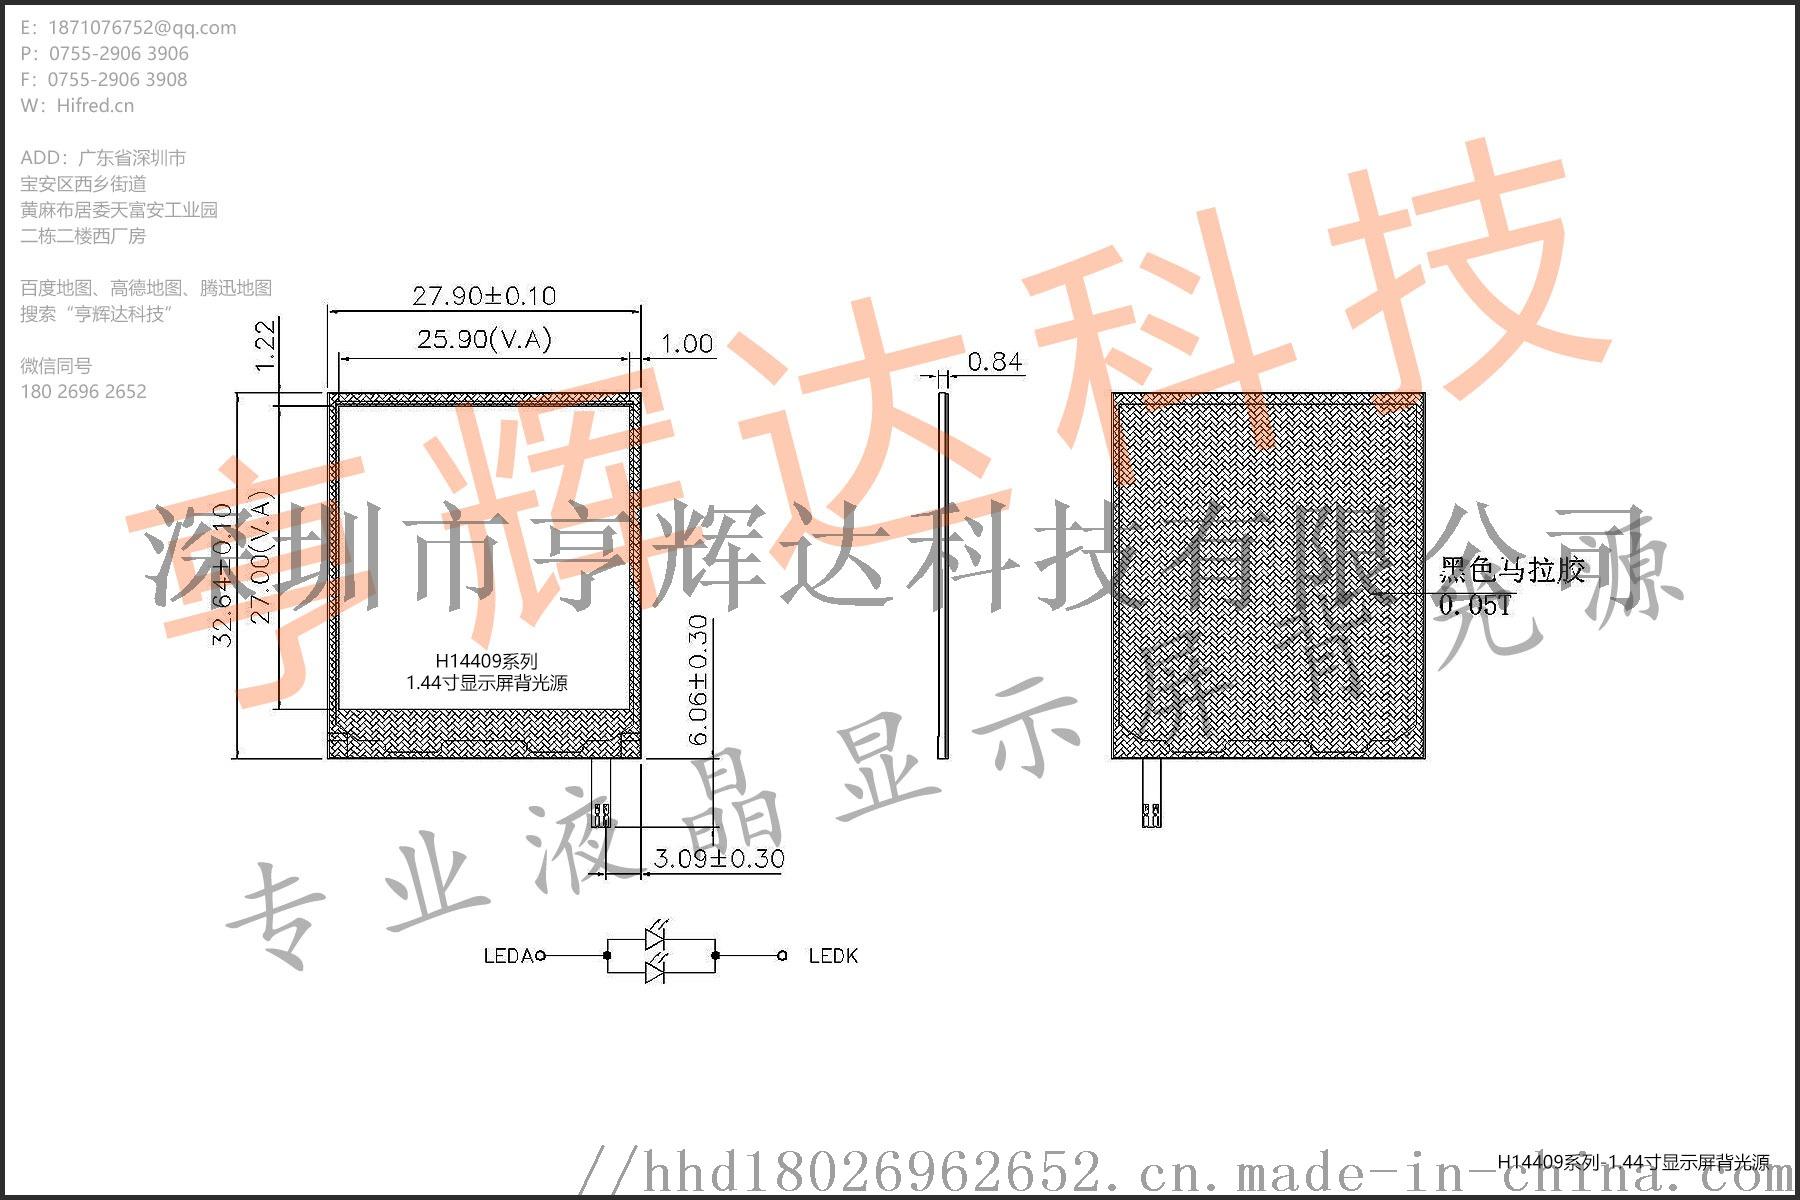 H14409_pro.jpg